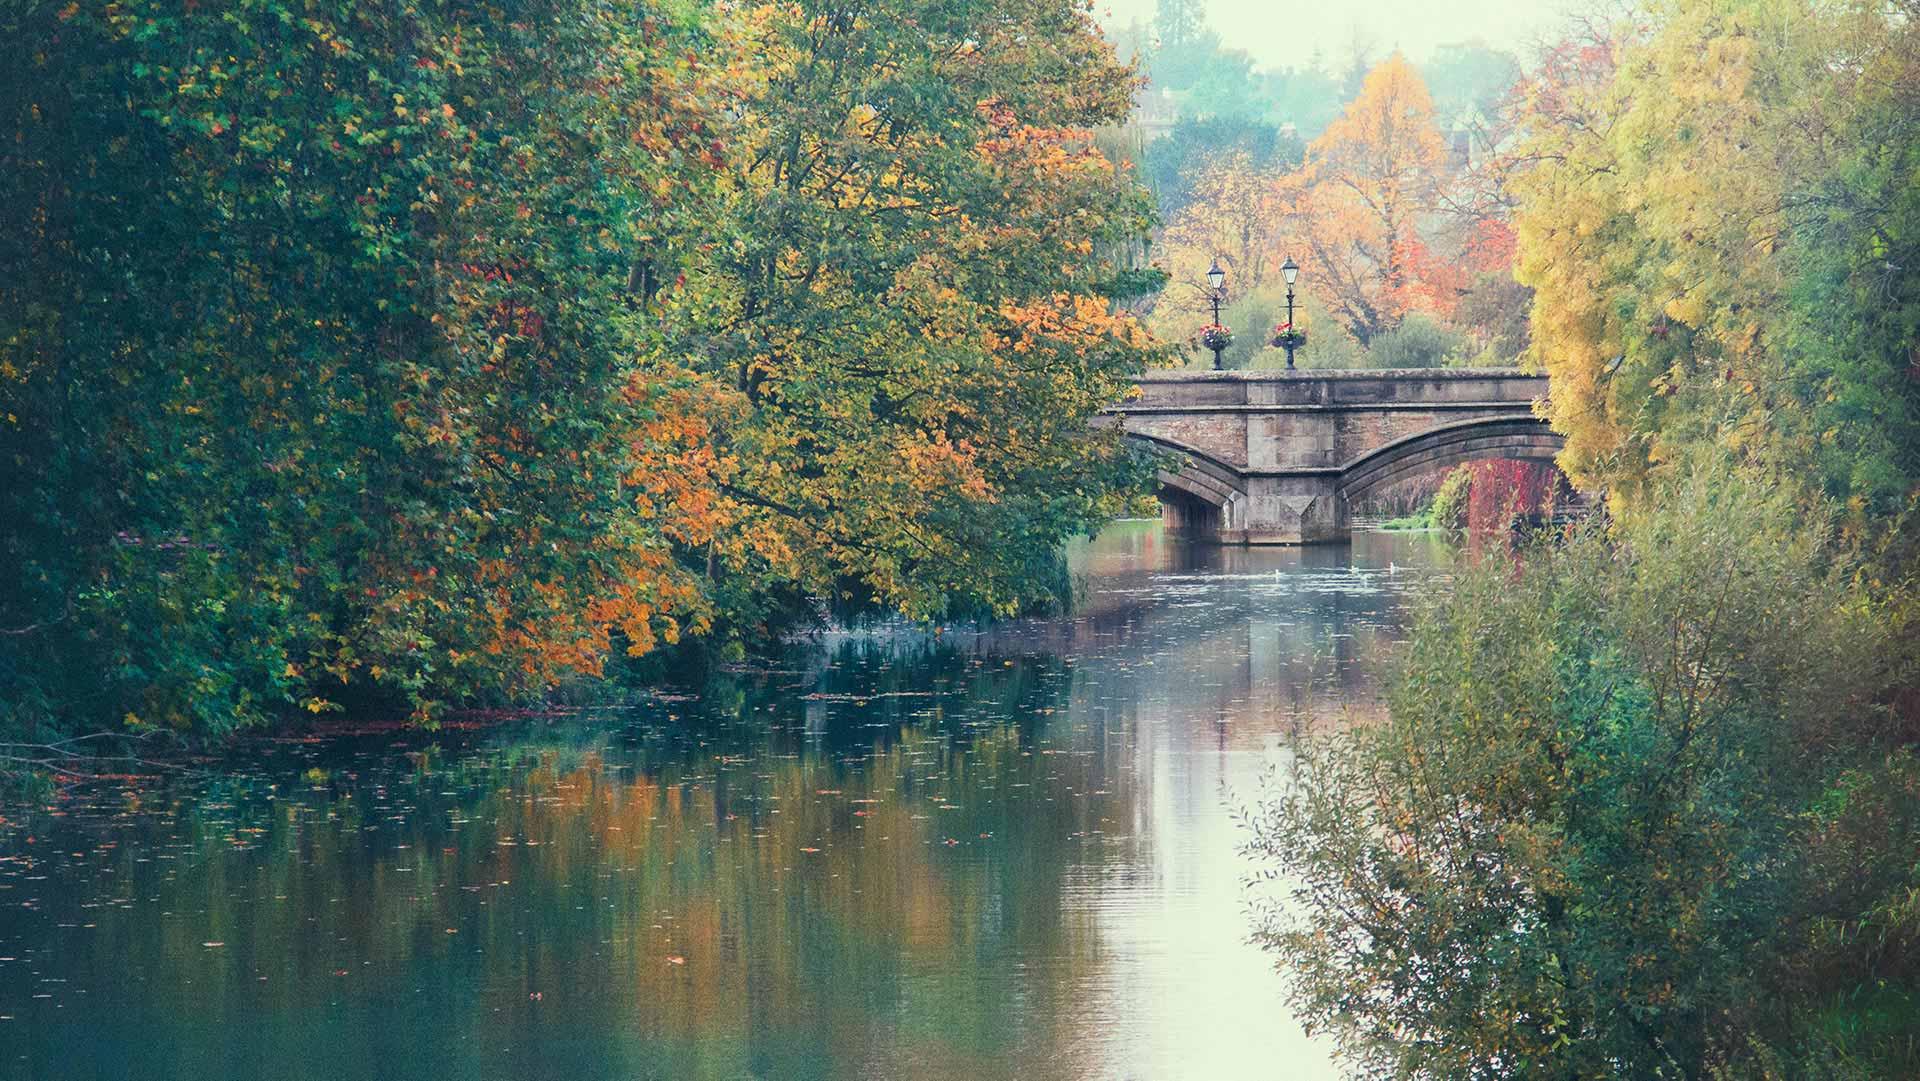 Bridge in Autumn over river in Stamford, UK